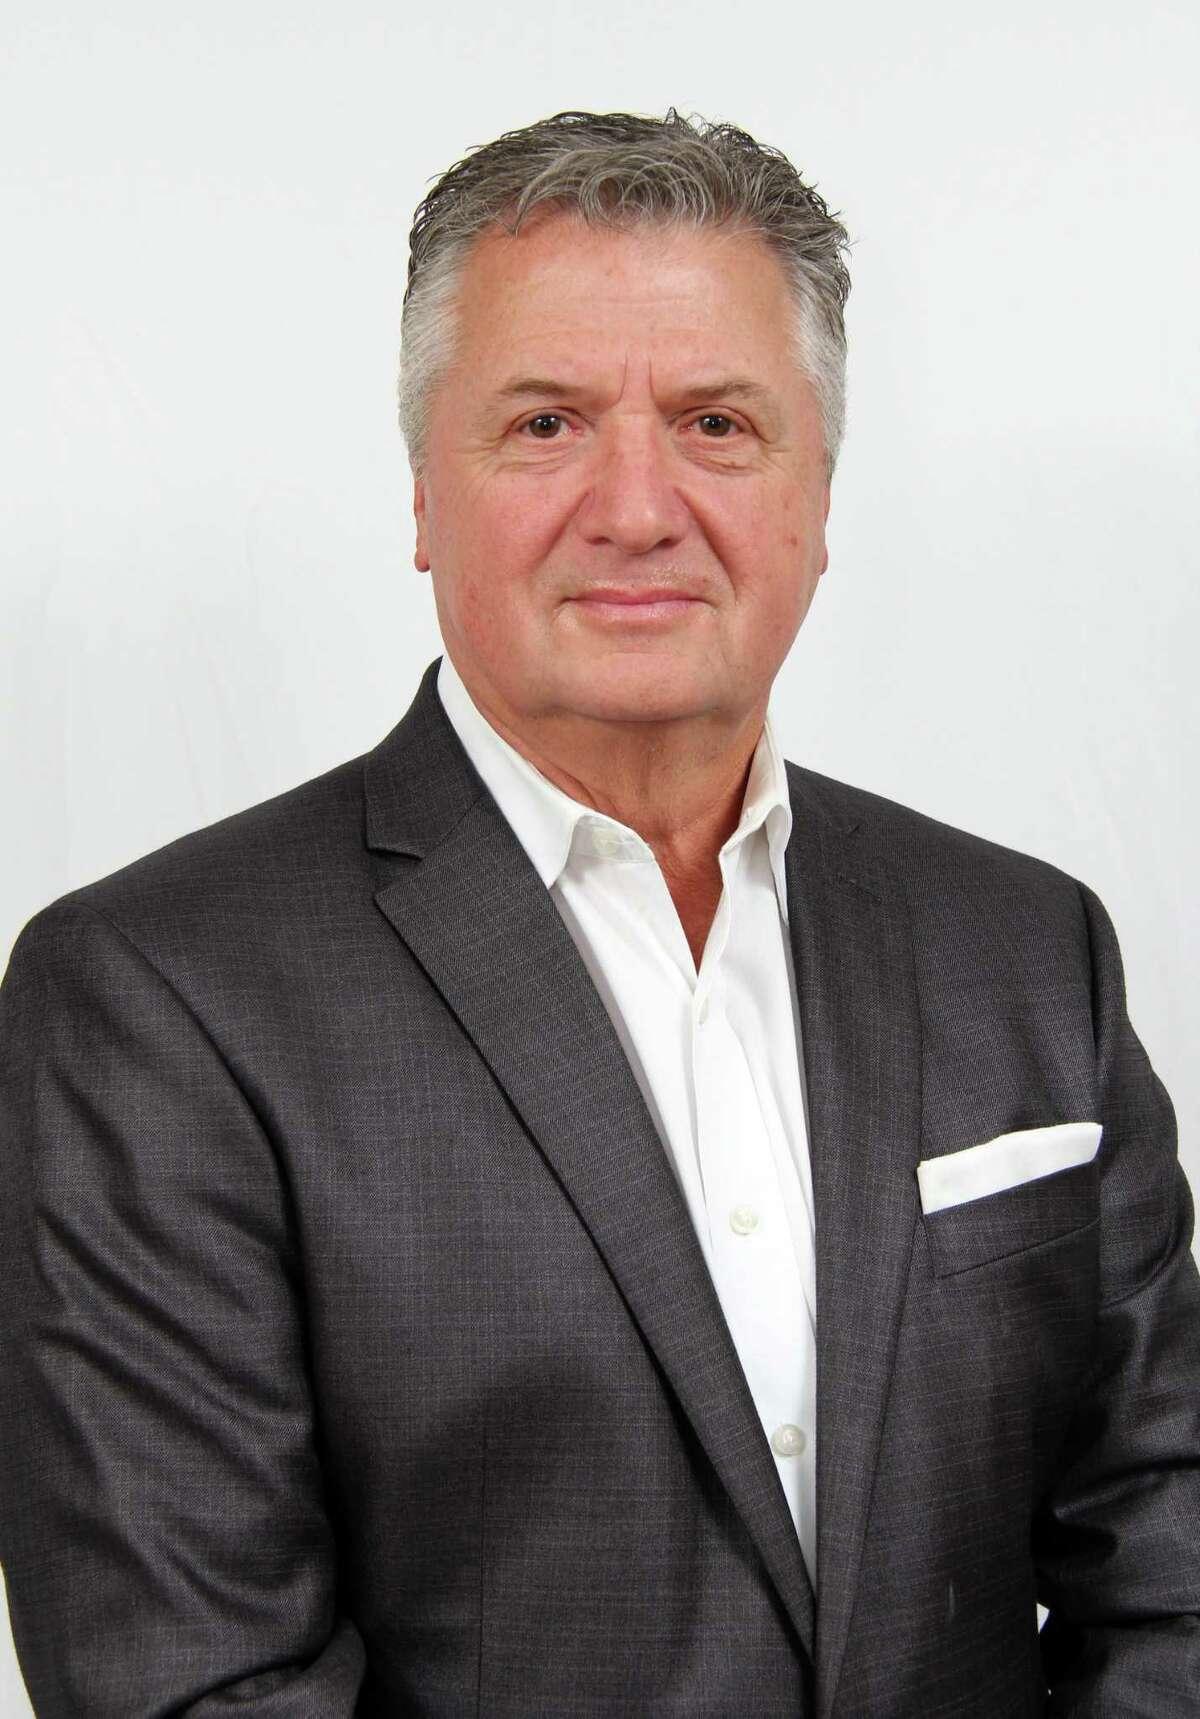 Ken Kopec, Bethel Democrat Zoning Board of Appeals candidate